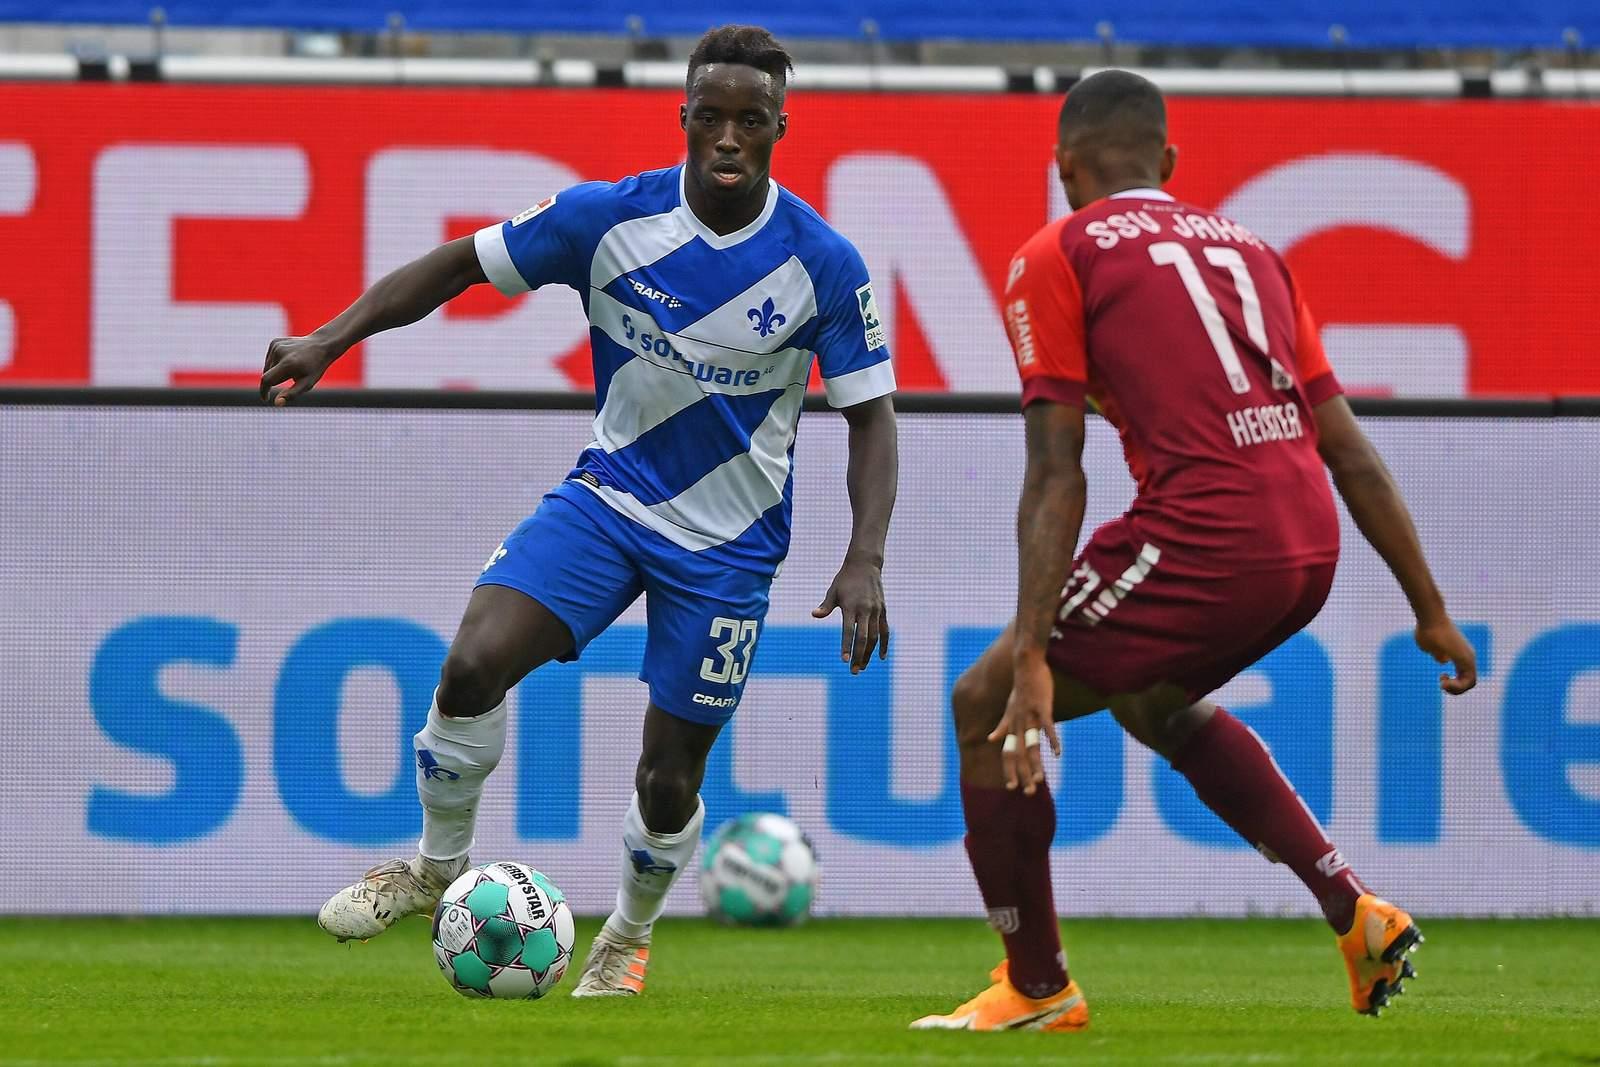 Bradyon Manu von Darmstadt 98 im Spiel gegen Regensburg